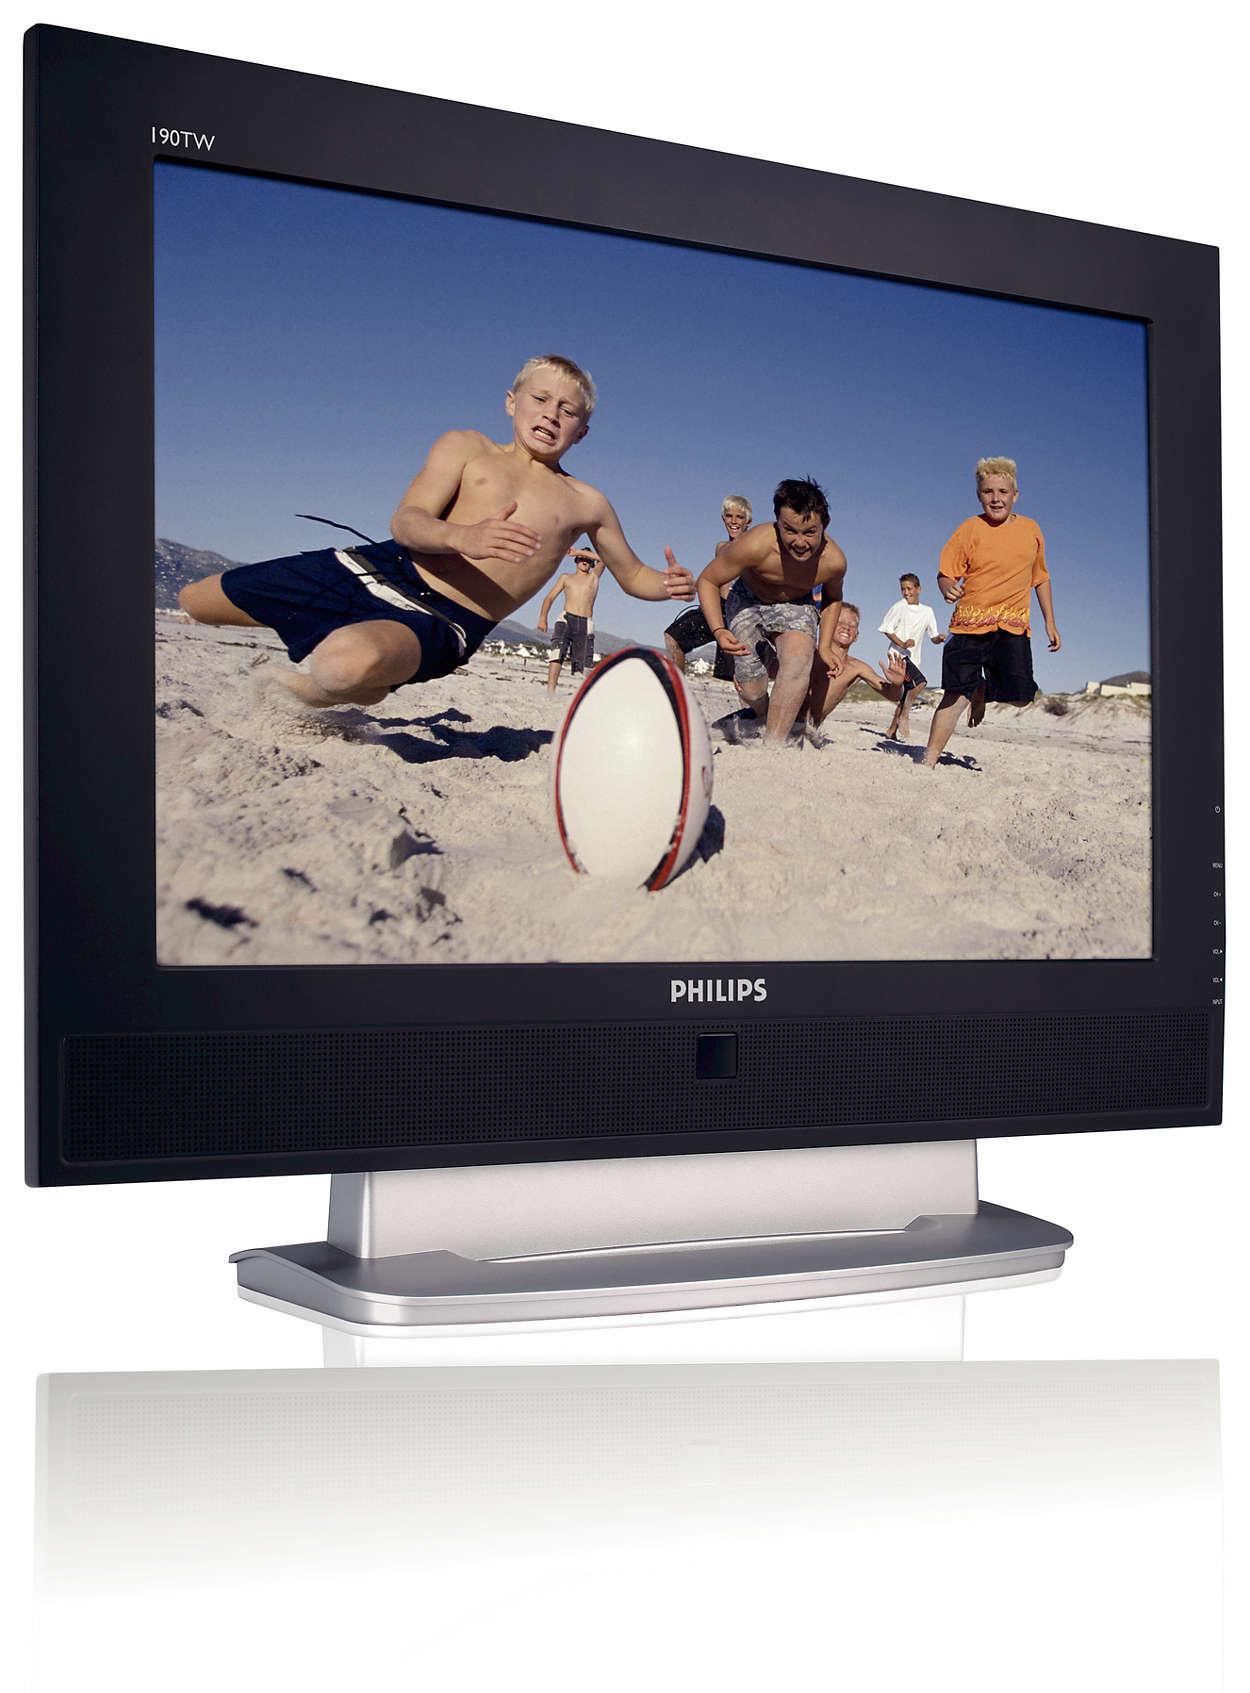 Monipuolinen LCD-näytön ja TV:n yhdistelmä